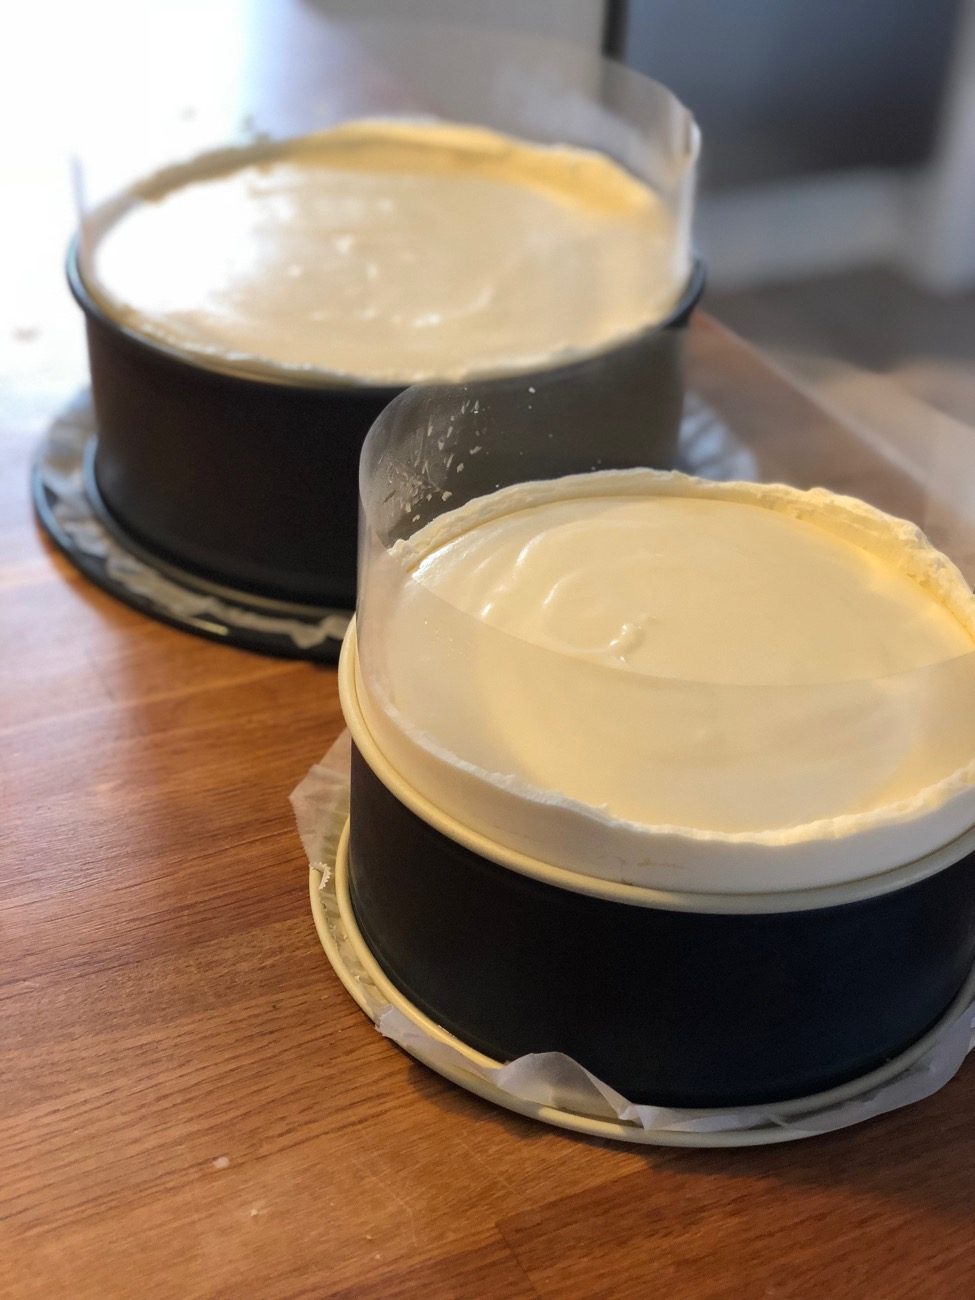 Bryllupskage med rabarber, hvid chokolade og hyldeblomst - fines.dk